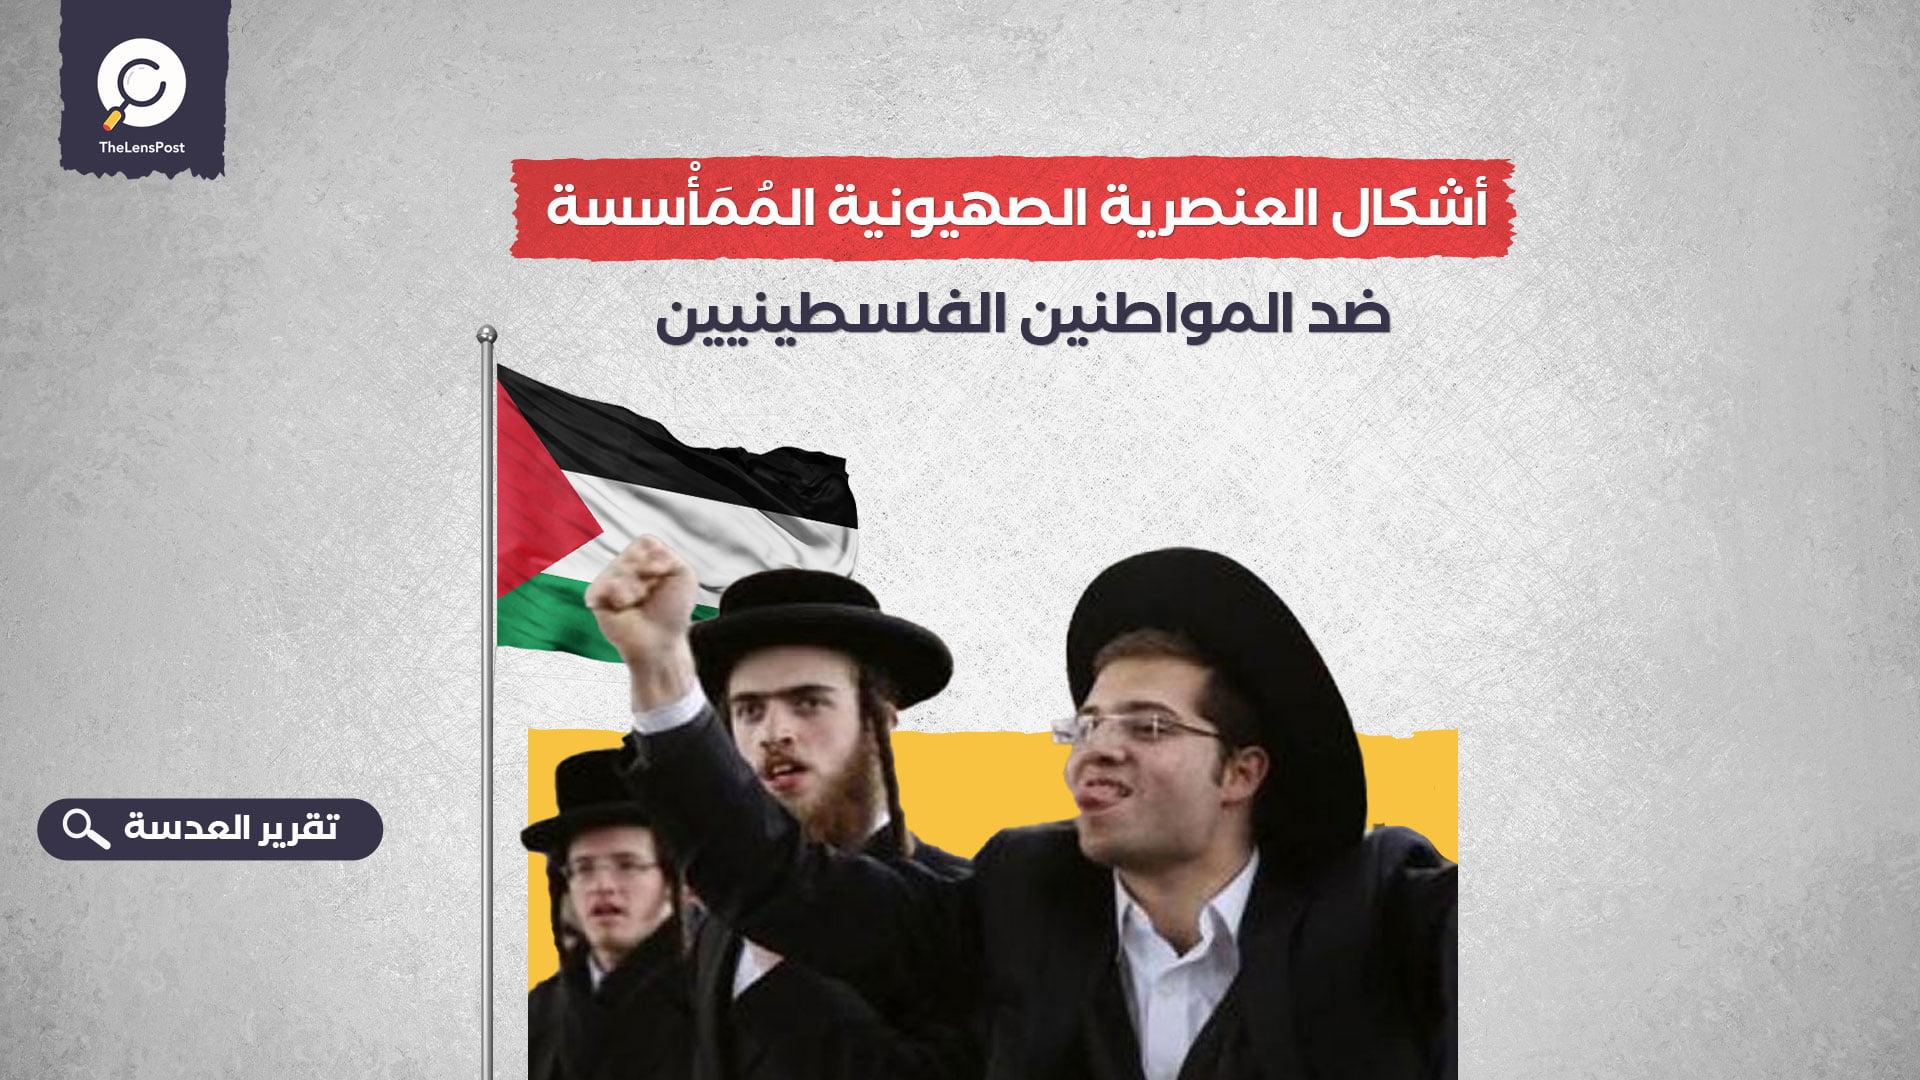 أشكال العنصرية الصهيونية المُمَأْسسة ضد المواطنين الفلسطينيين